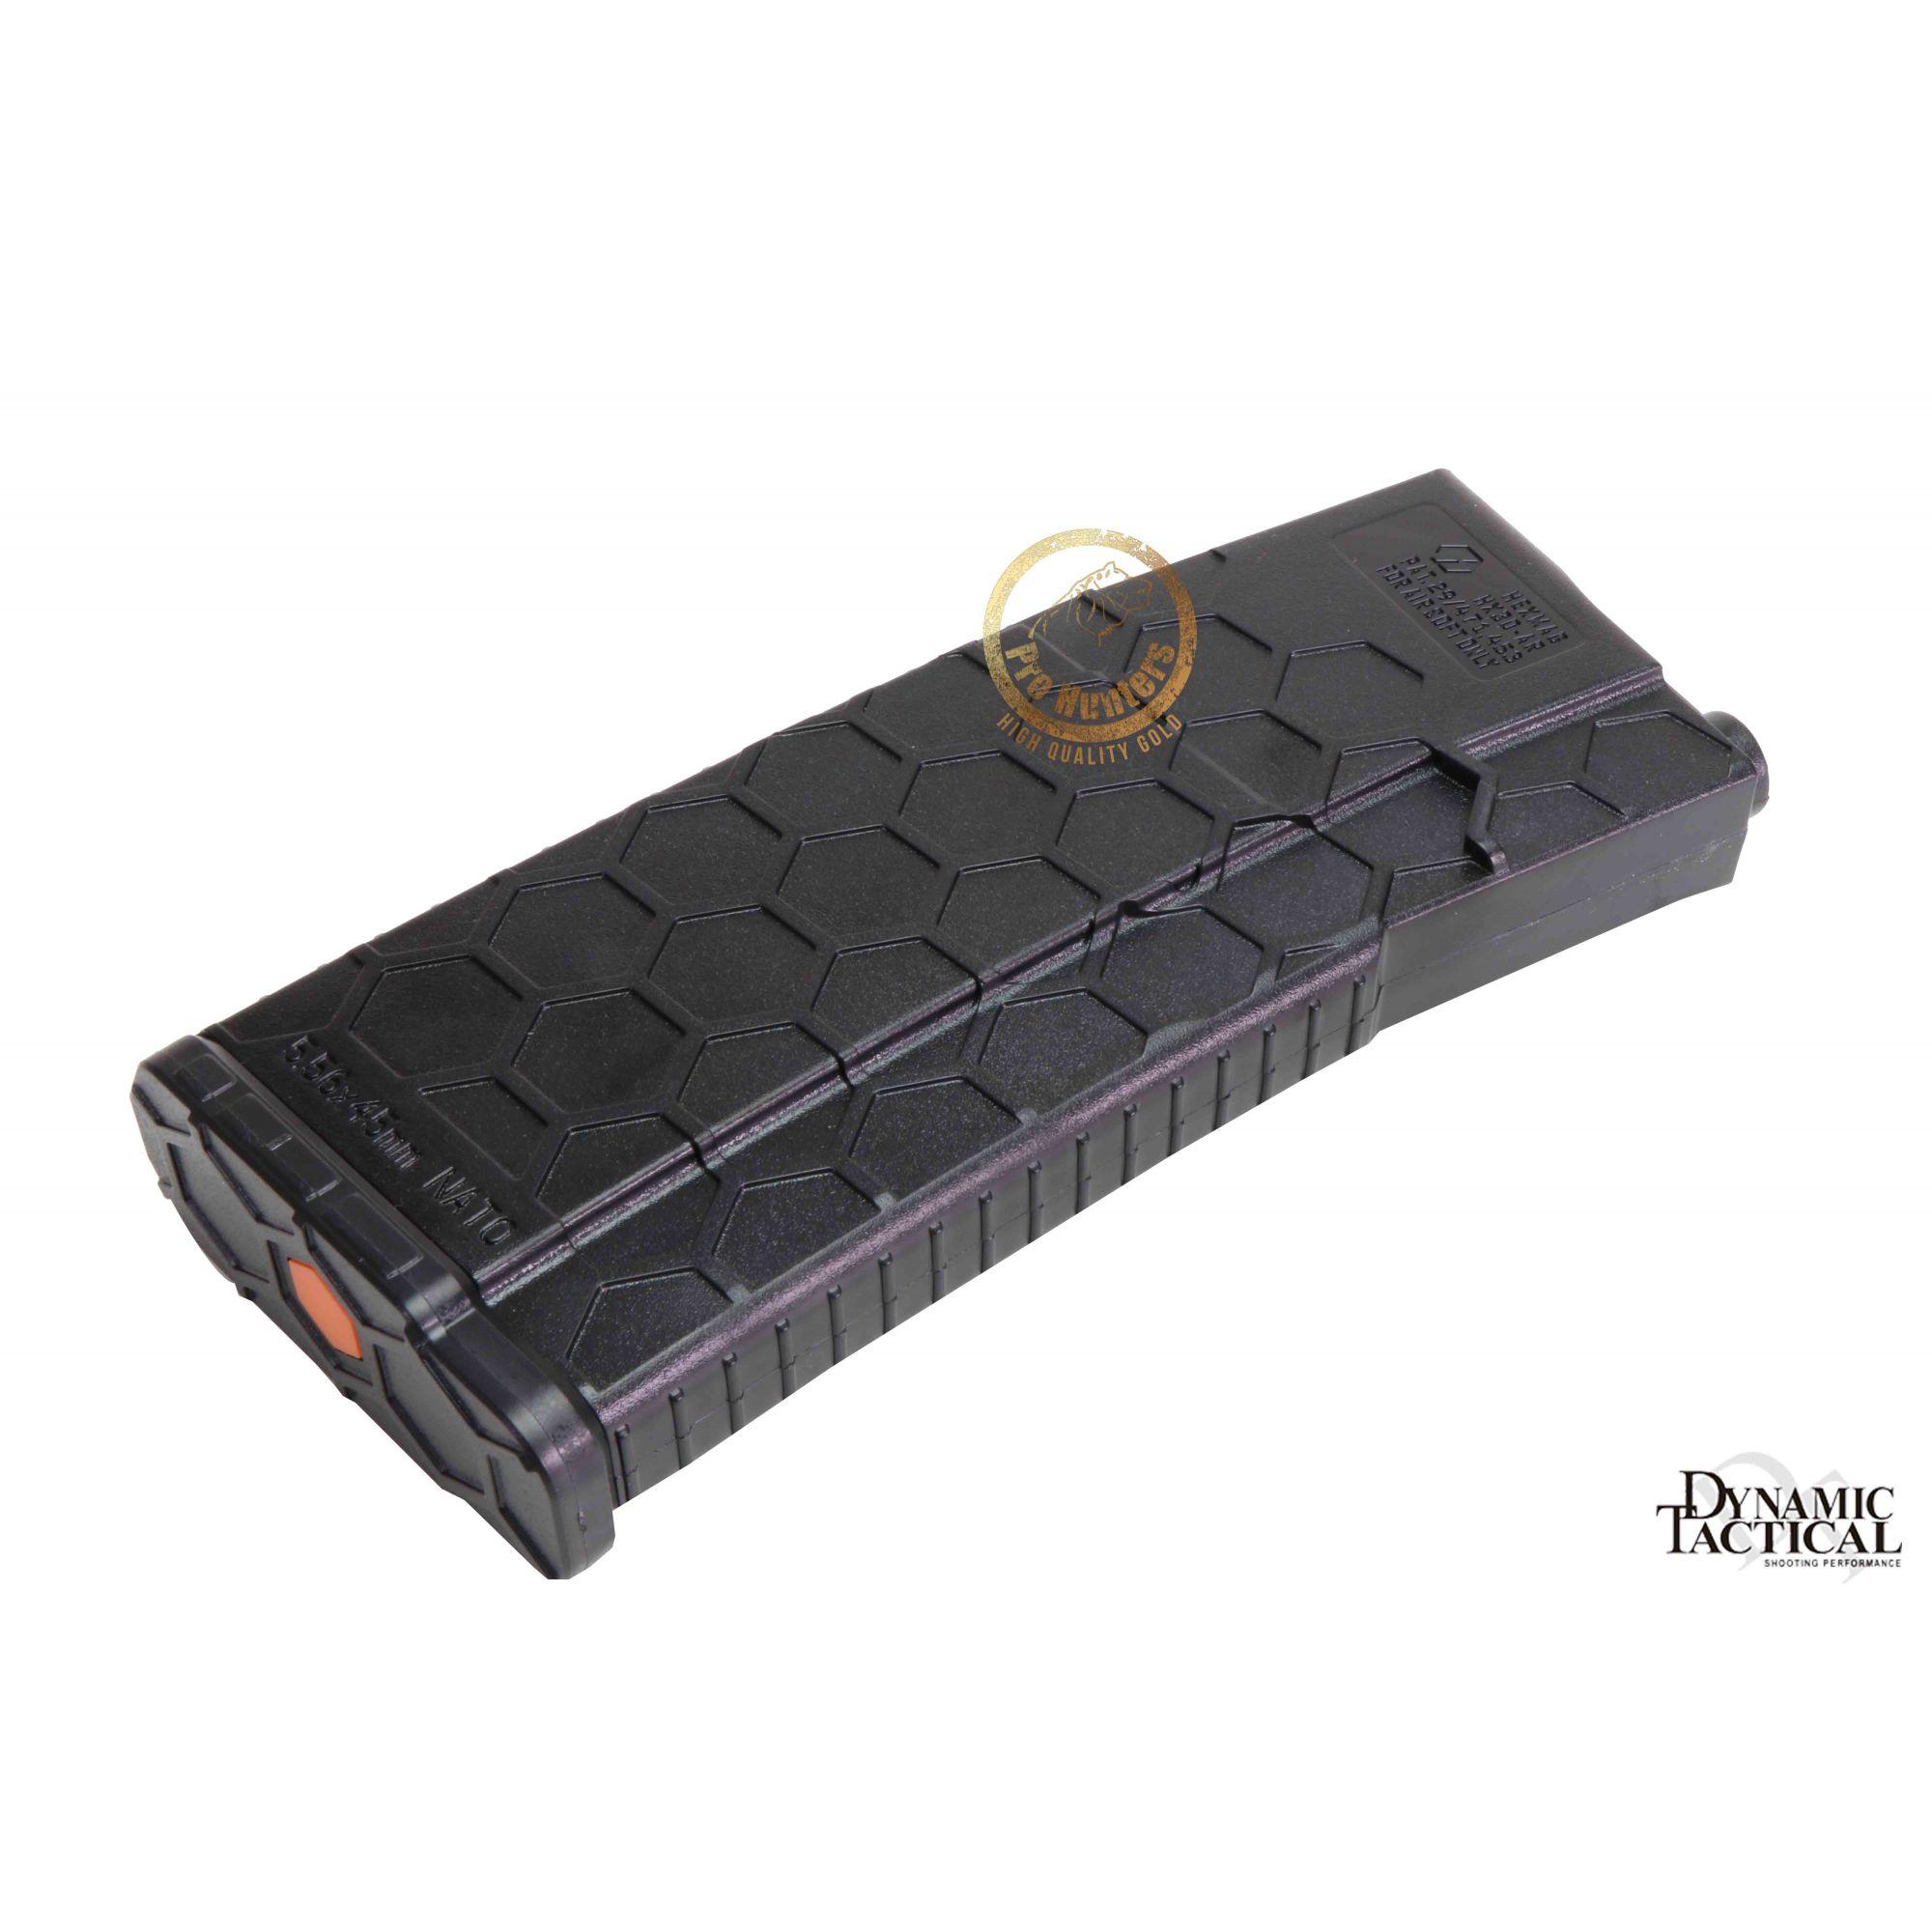 Rifle Airsoft Dytac MK4 SMR 10.5 Pol  - Black - FRETE GRÁTIS